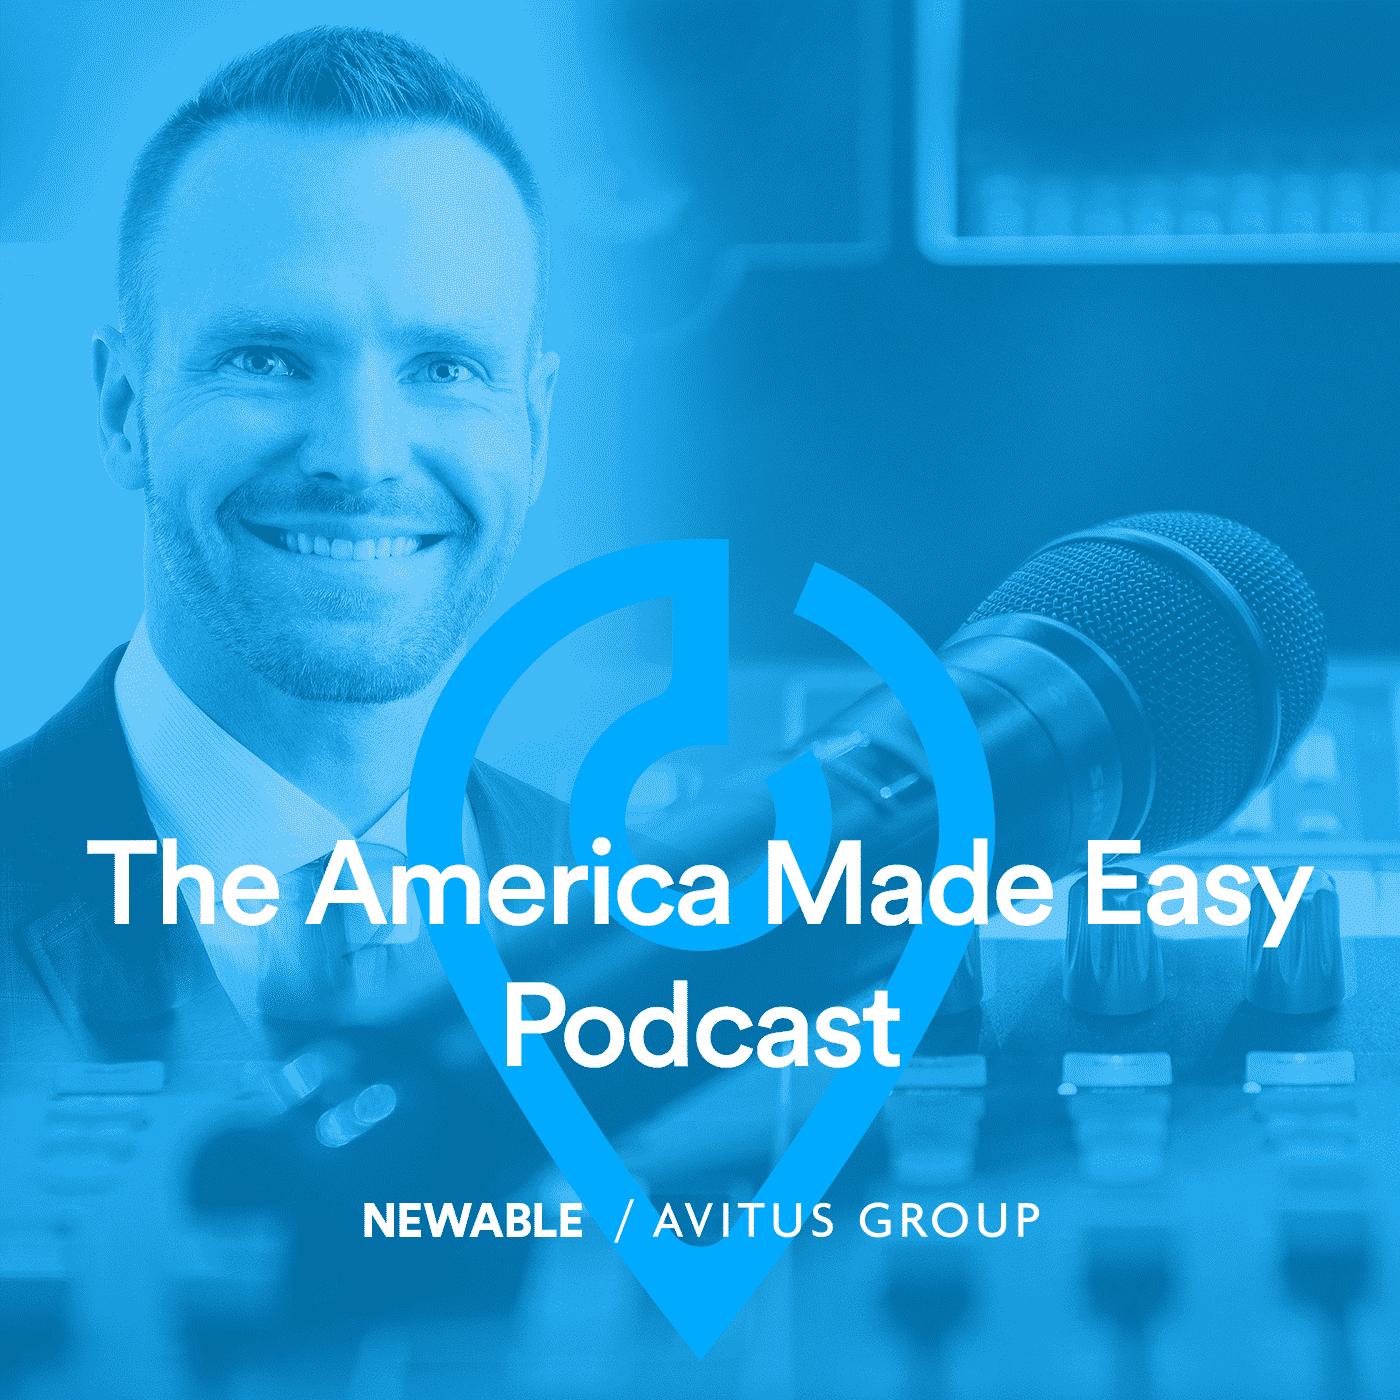 AME Podcast Josh